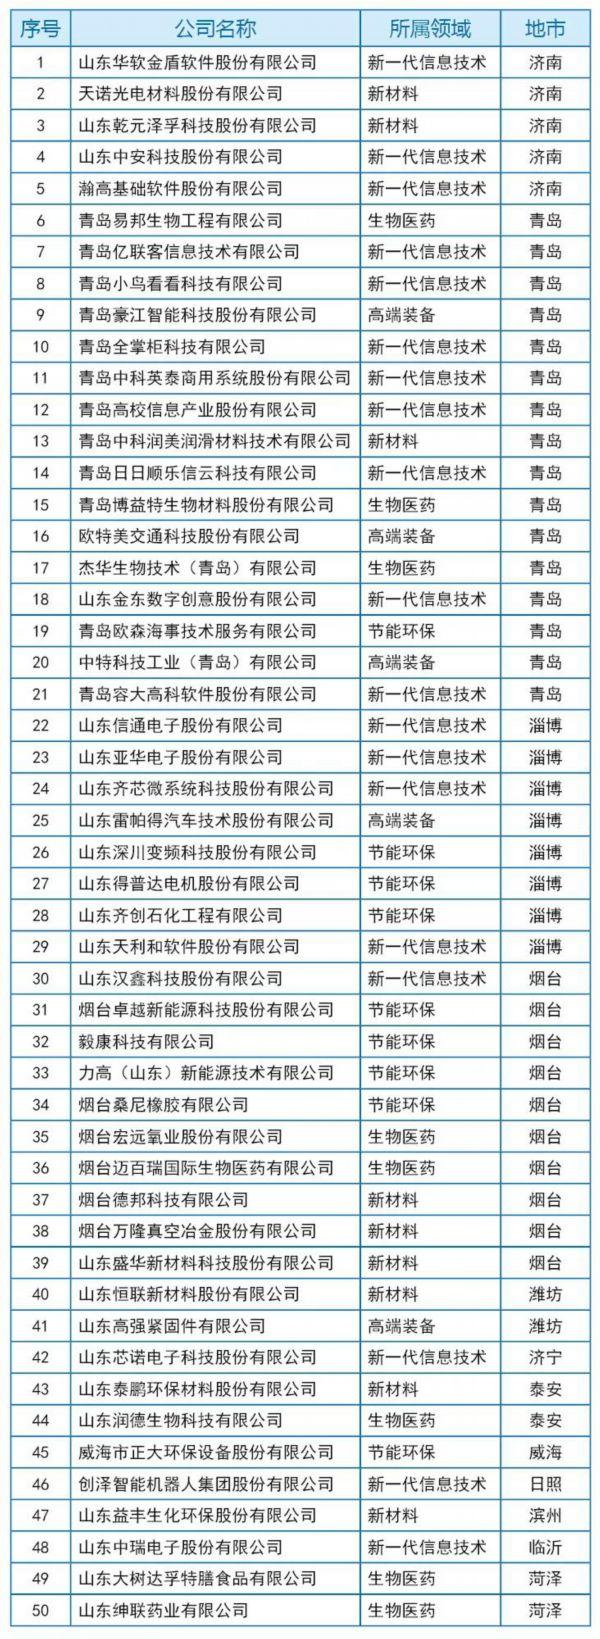 临沂1家企业上榜山东首批科技型企业科创板上市培育库入库企业名单